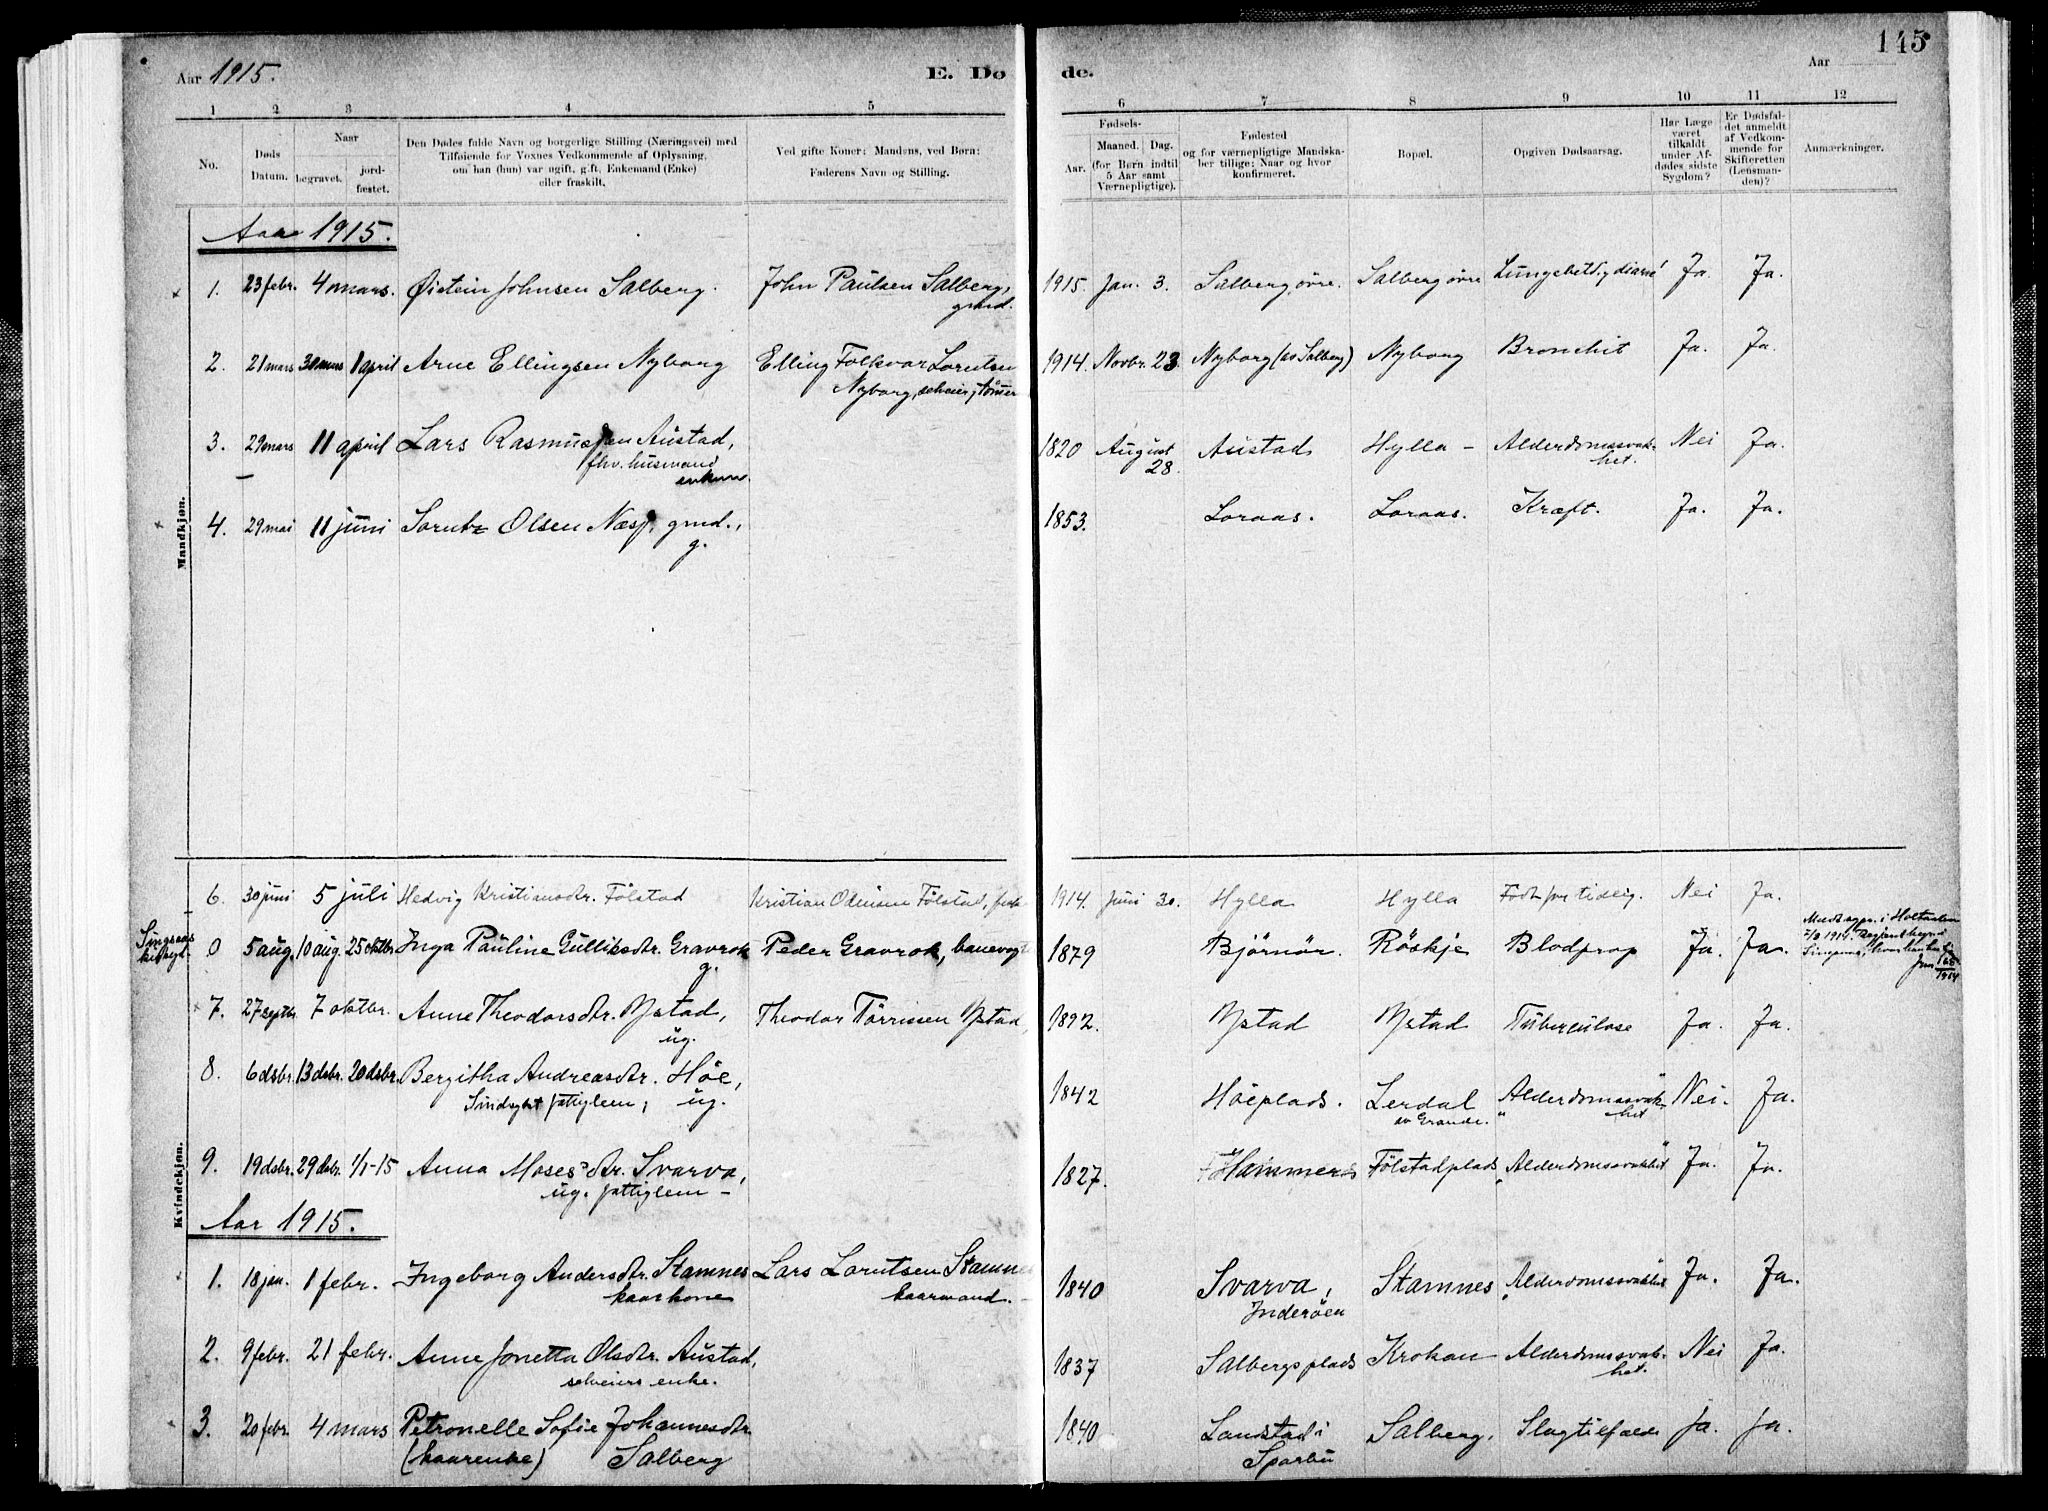 SAT, Ministerialprotokoller, klokkerbøker og fødselsregistre - Nord-Trøndelag, 731/L0309: Ministerialbok nr. 731A01, 1879-1918, s. 145